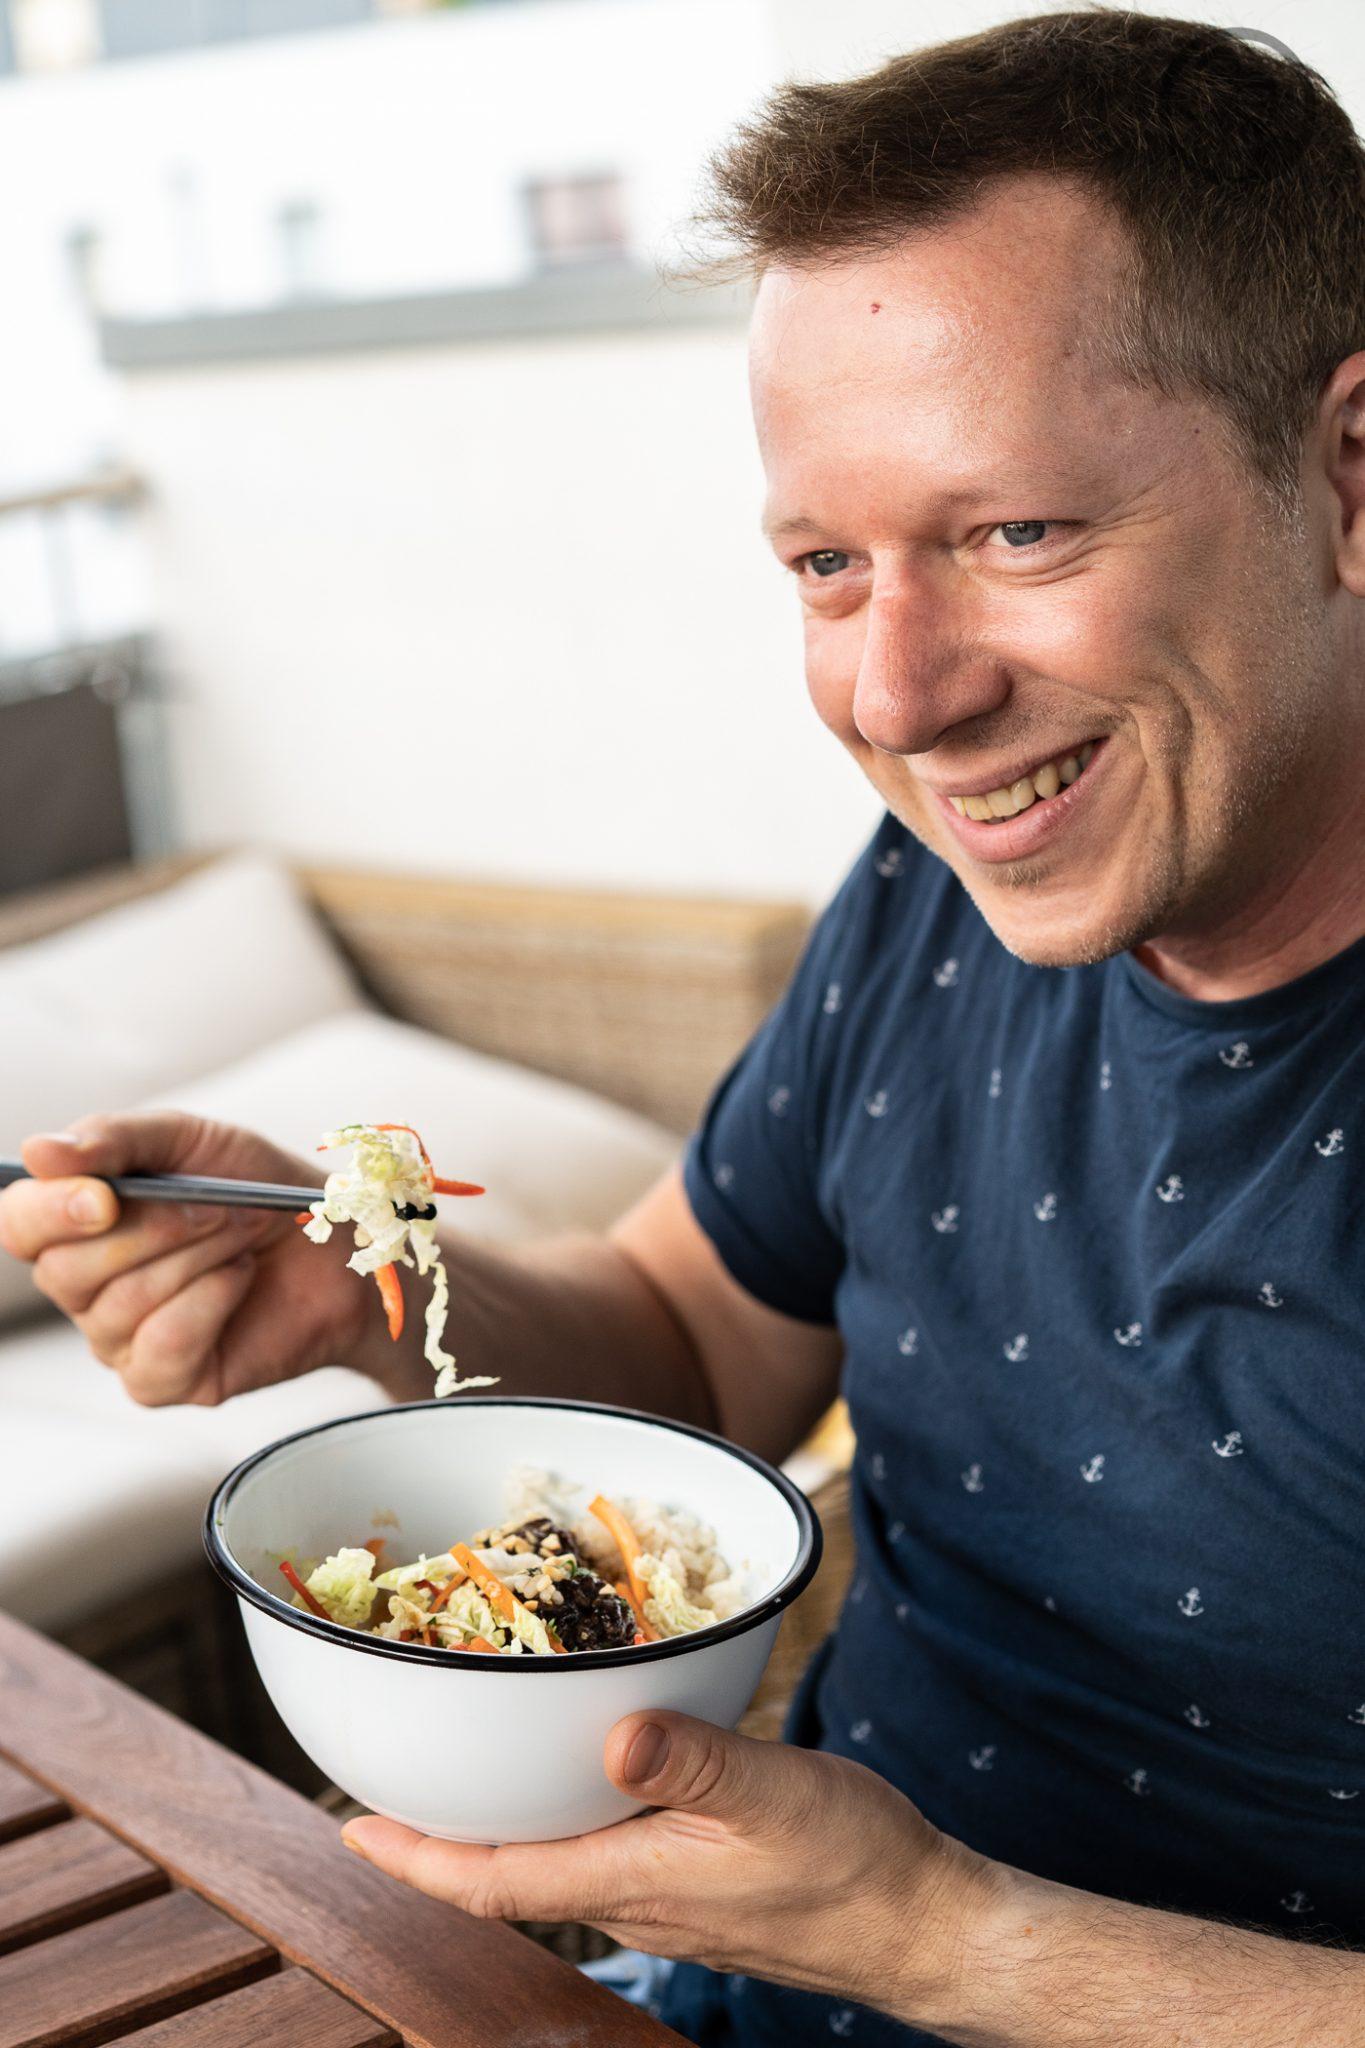 Poke Bowl erdn%C3%BCsse %C3%BCltje 10 | Wenn man um einen Foodtrend 2018 kaum herum gekommen ist, zumindest ging es uns in Köln so, dann ist es die Poke Bowl. Also wurde es höchste Zeit, dass wir unsere eigene Poke Bowl kreieren. Da wir verschiedene Küchen gerne kombinieren haben wir dazu Korean Beef Balls gemacht und eine gute Ladung gesalzene ültje Erdnüsse dazu gegeben - so schmeckt der Sommer aus der Schüssel!